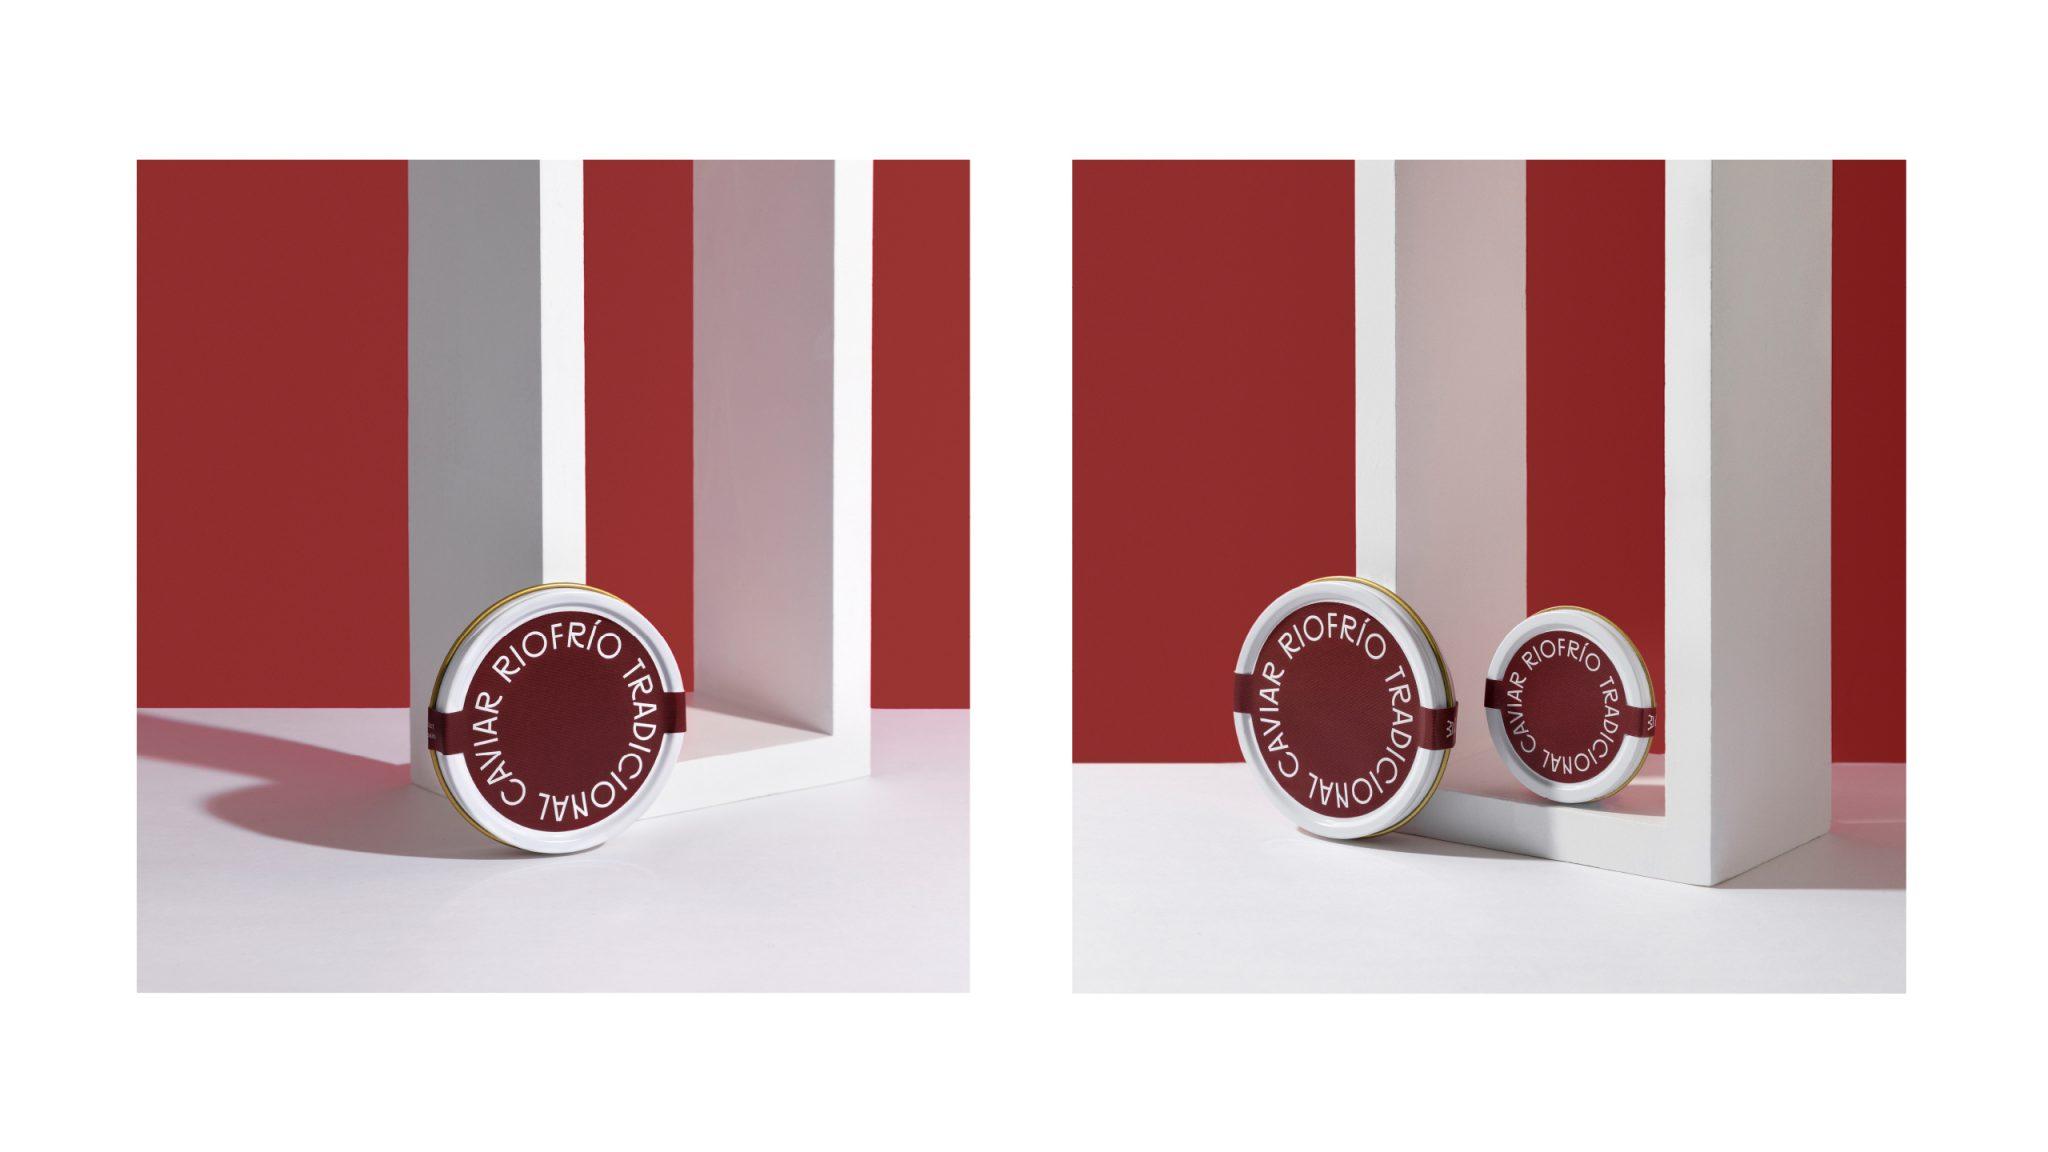 Новый дизайн упаковки икры Риофрио